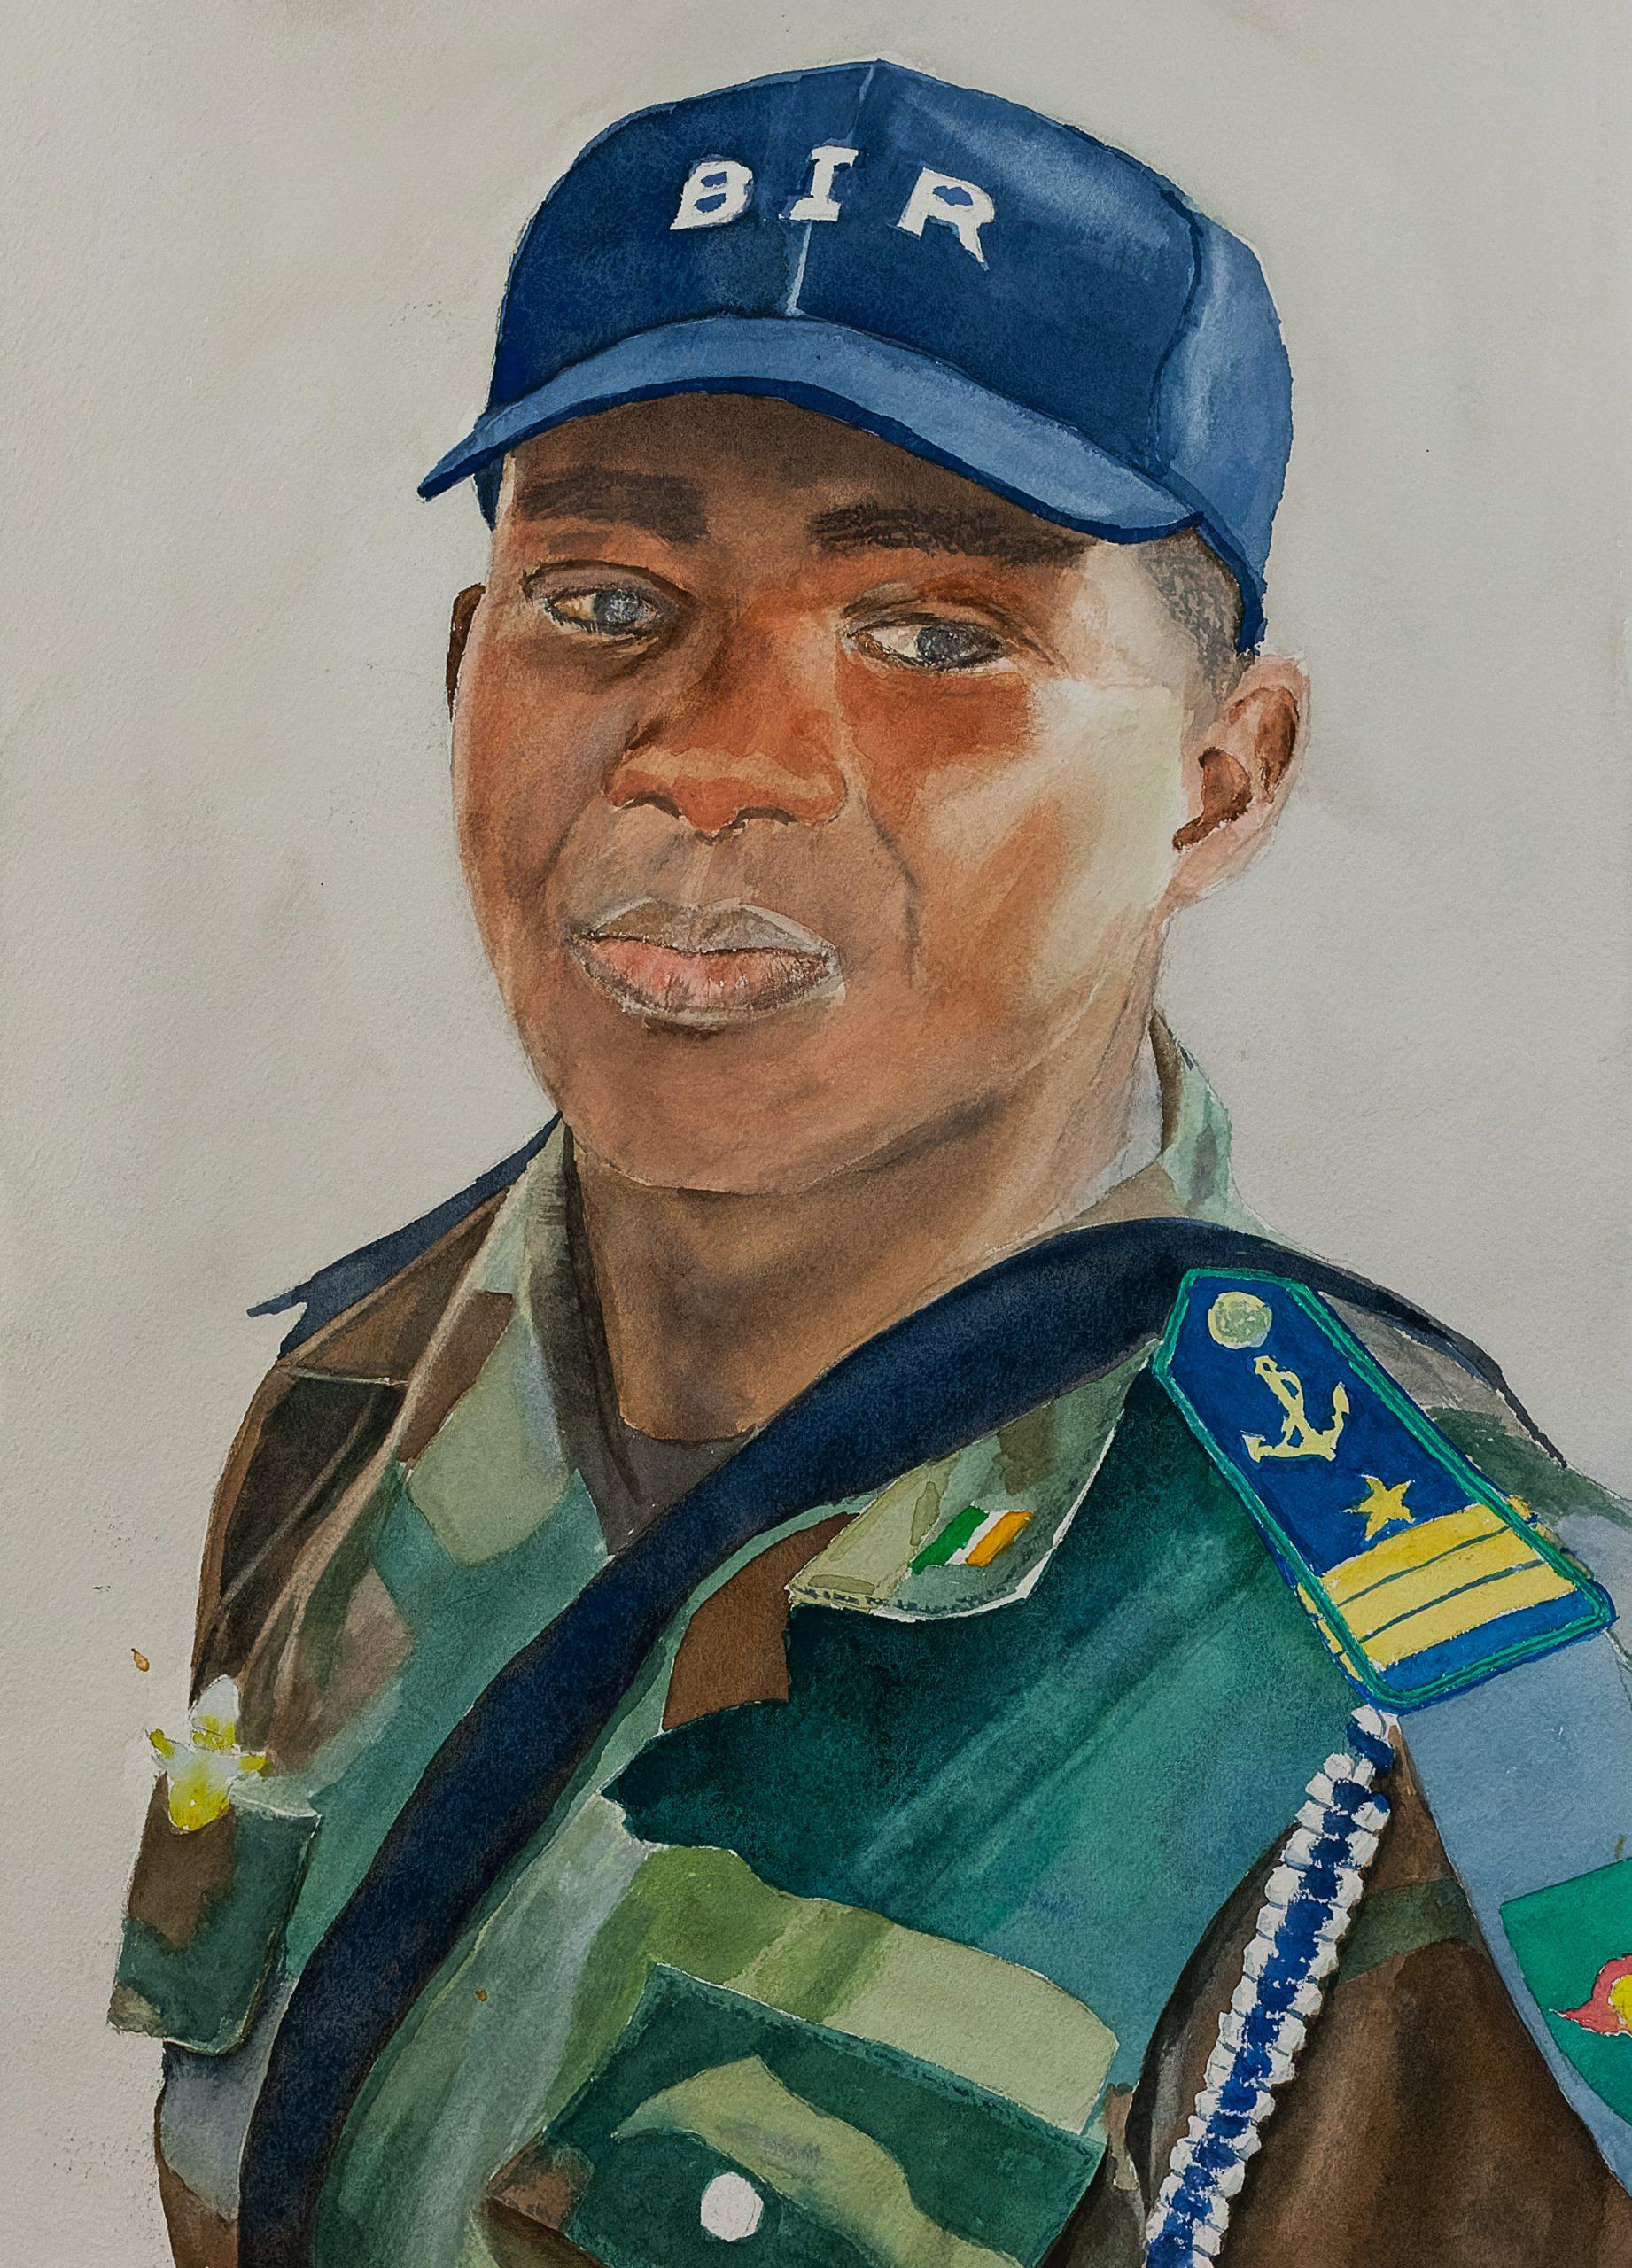 Sgt. Fouda